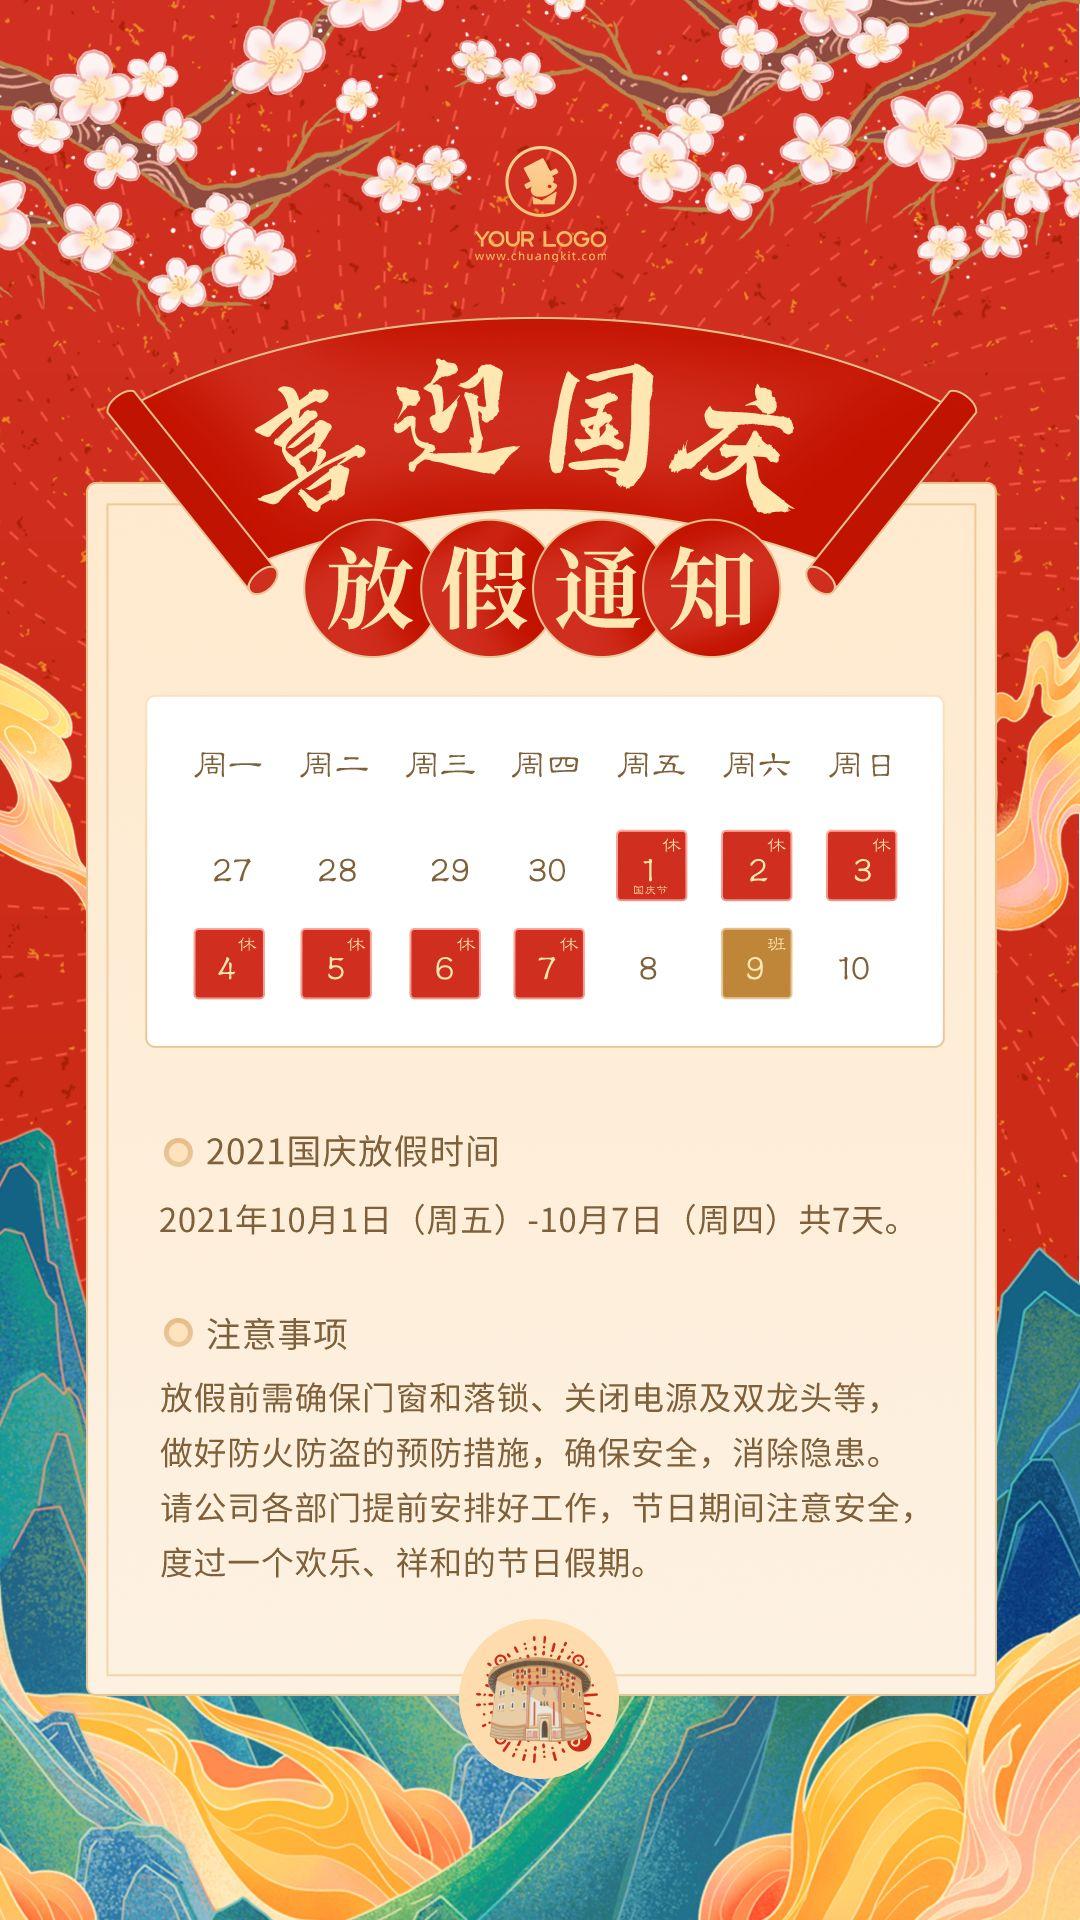 绵阳悟空汽车租赁有限公司2021年国庆节放假通知